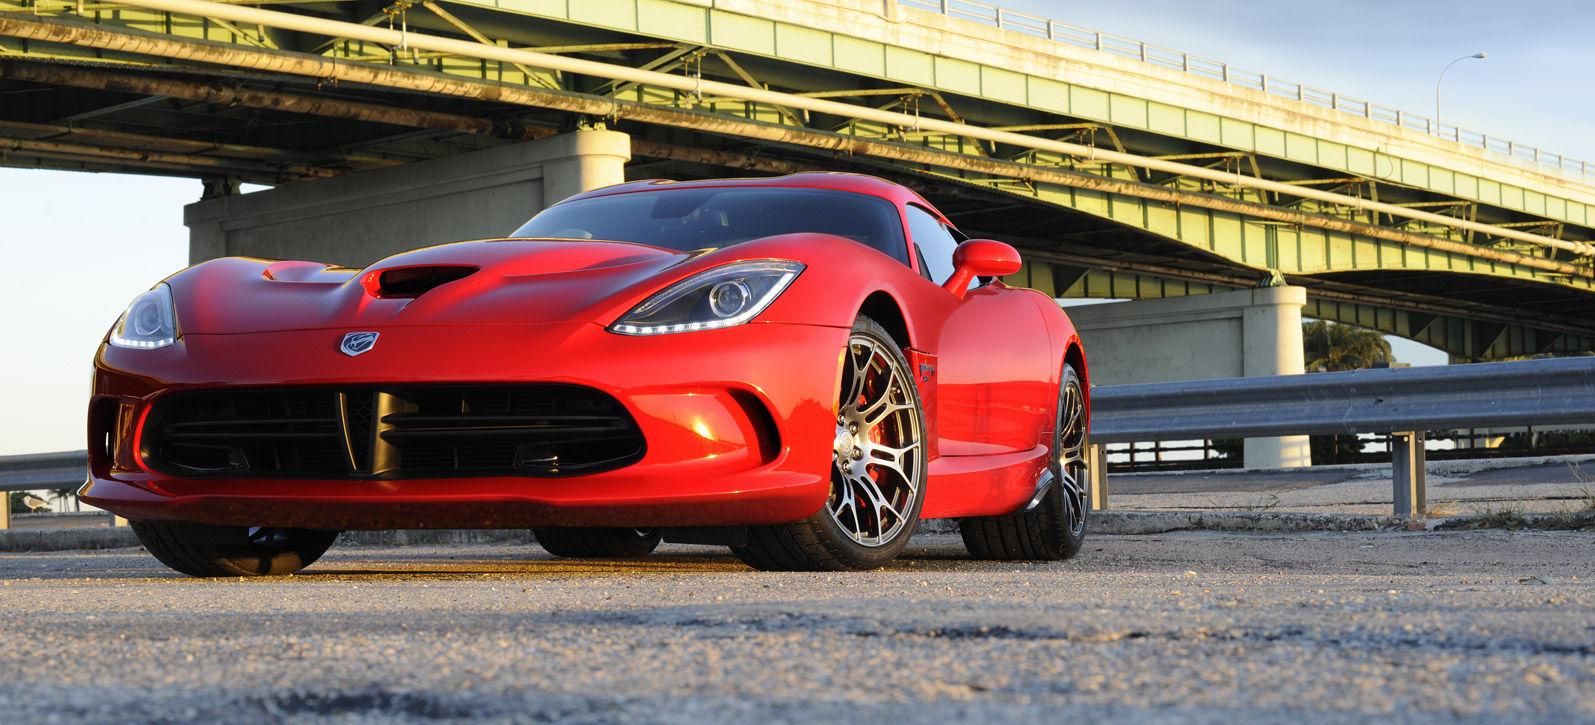 Dodge Viper được xem là siêu phẩm đắt giá nhất của Dodge hiện nay